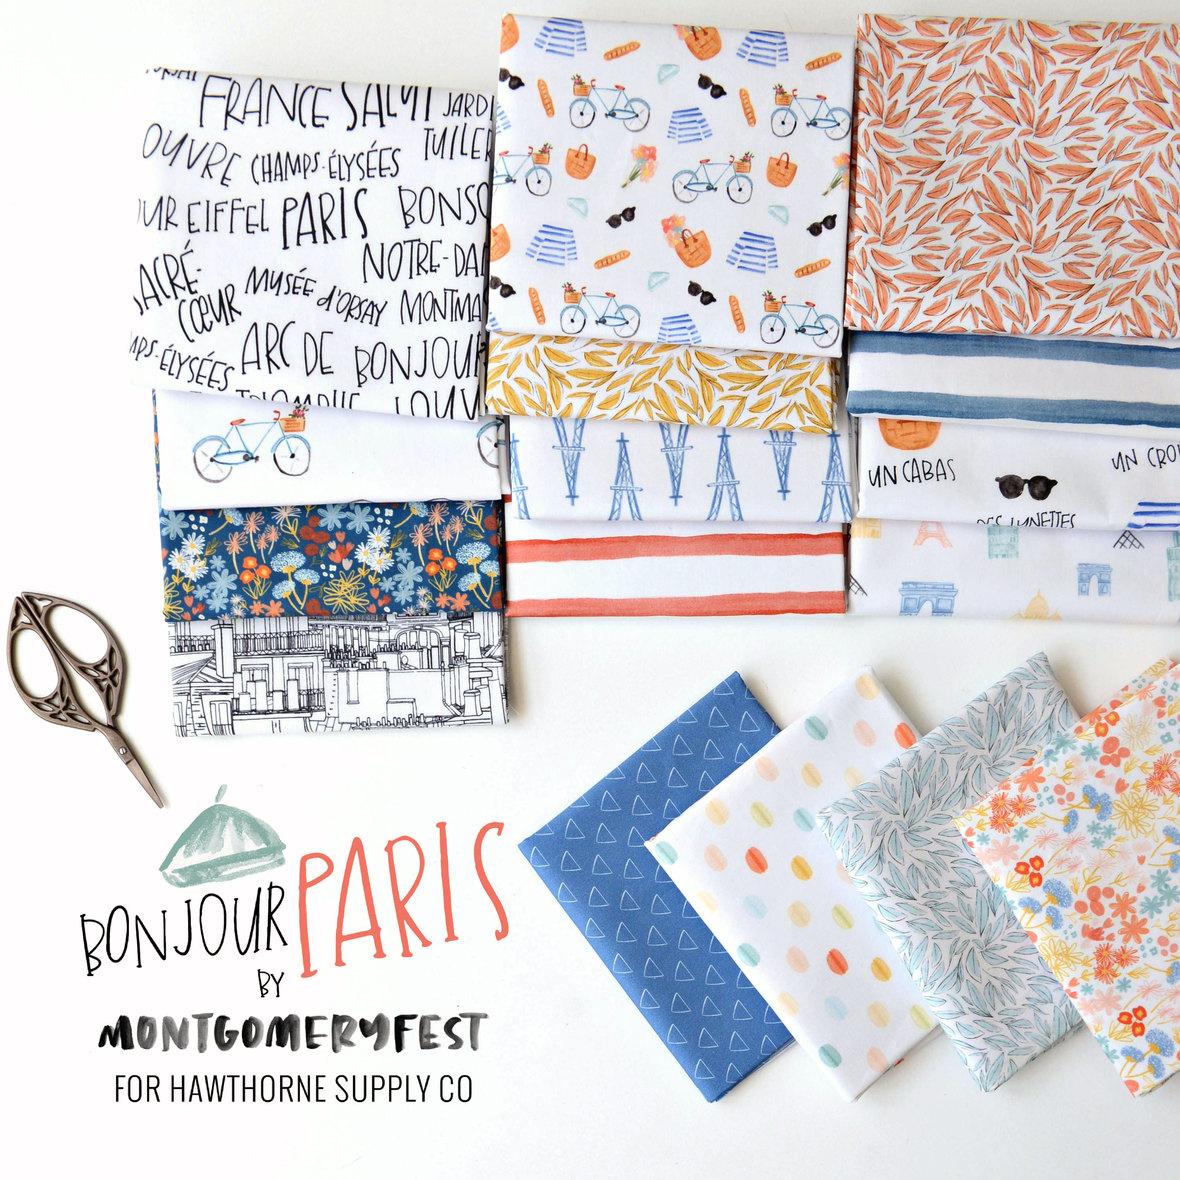 Bonjour-Paris-Montgomeryfest-for-Hawthorne-Supply-Co-warmer